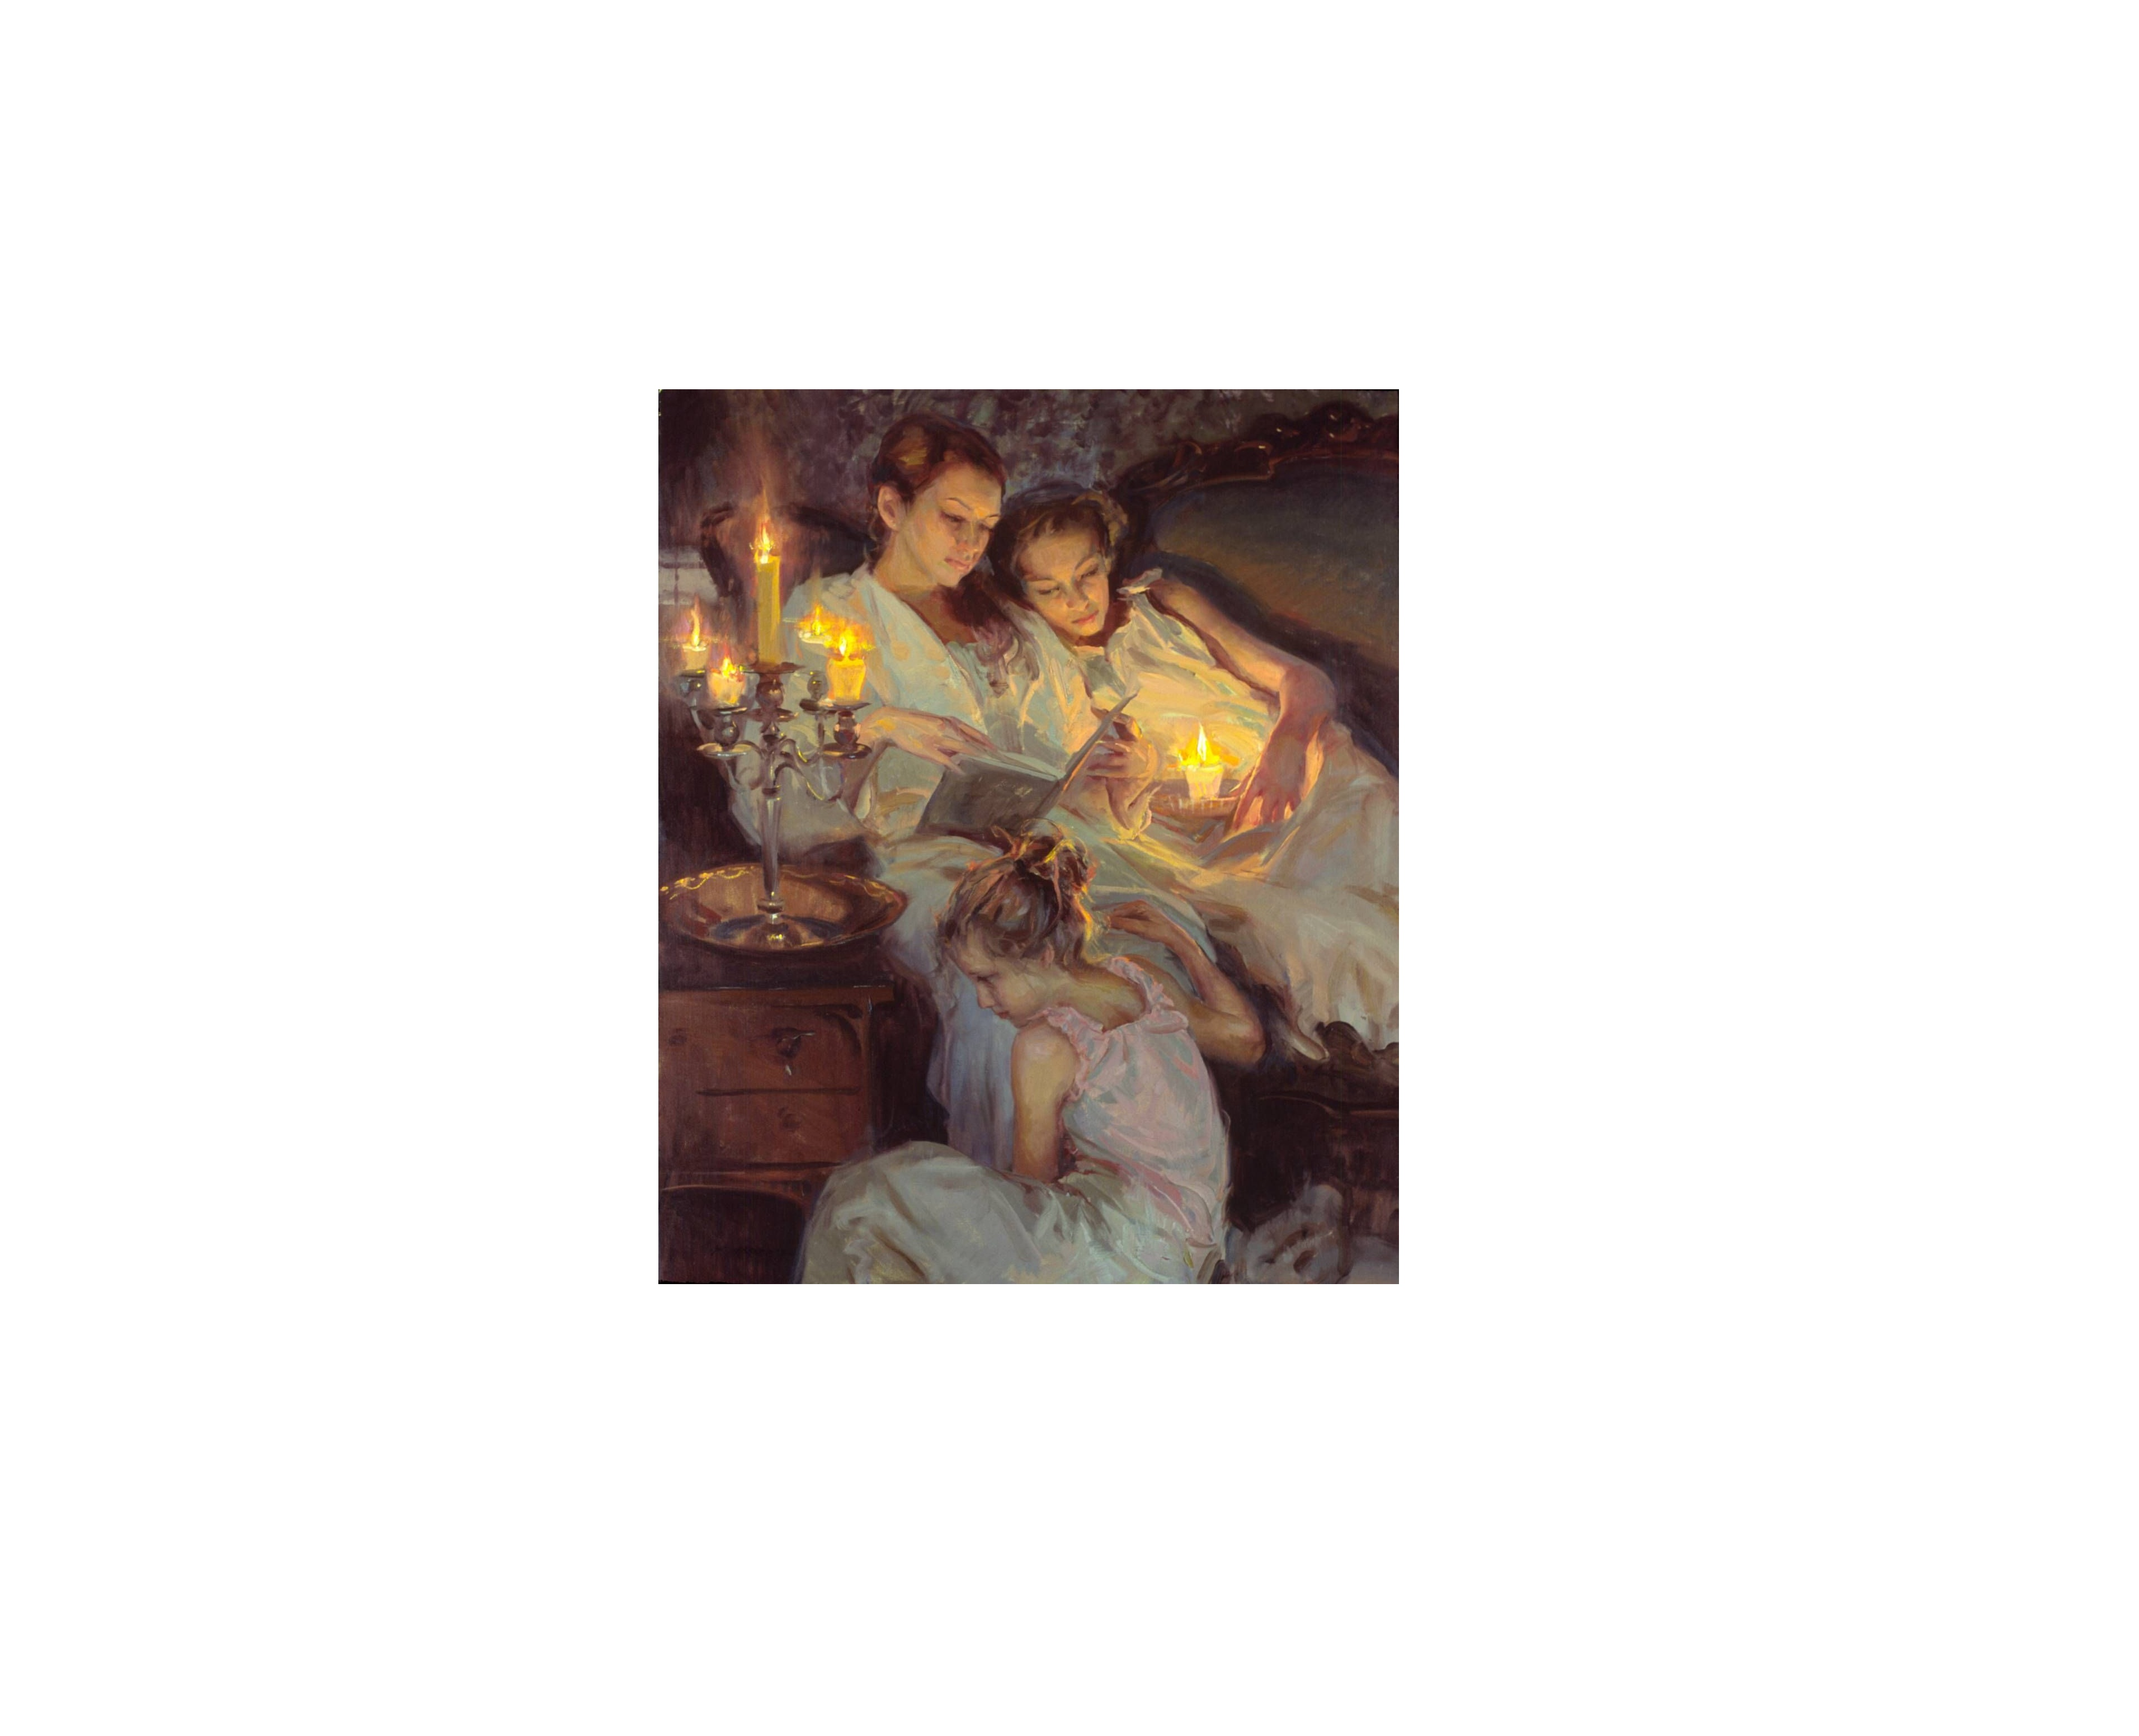 Daniel Gerhartz-Reading with daughters